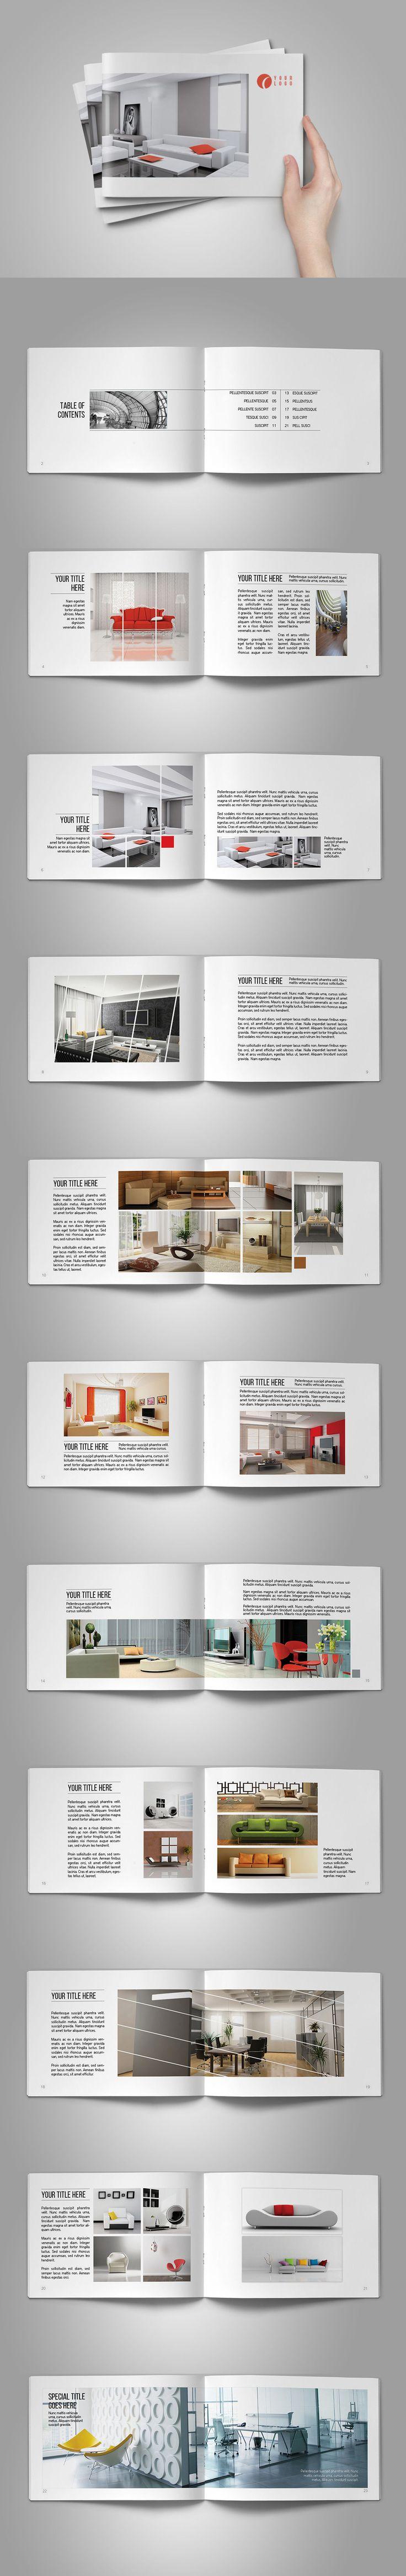 Interior Design Brochure Template InDesign INDD - 24 Pages, A5 Landscape